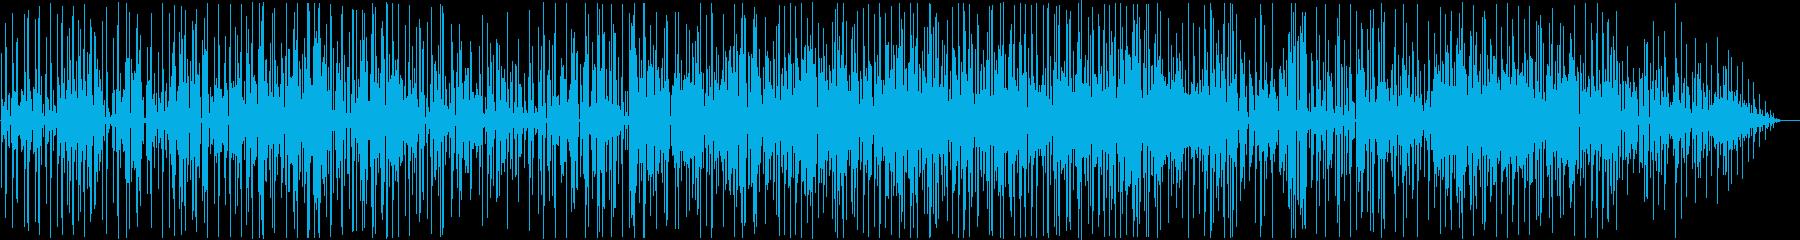 知的な緊張感_サイバーで変則的なテクノの再生済みの波形